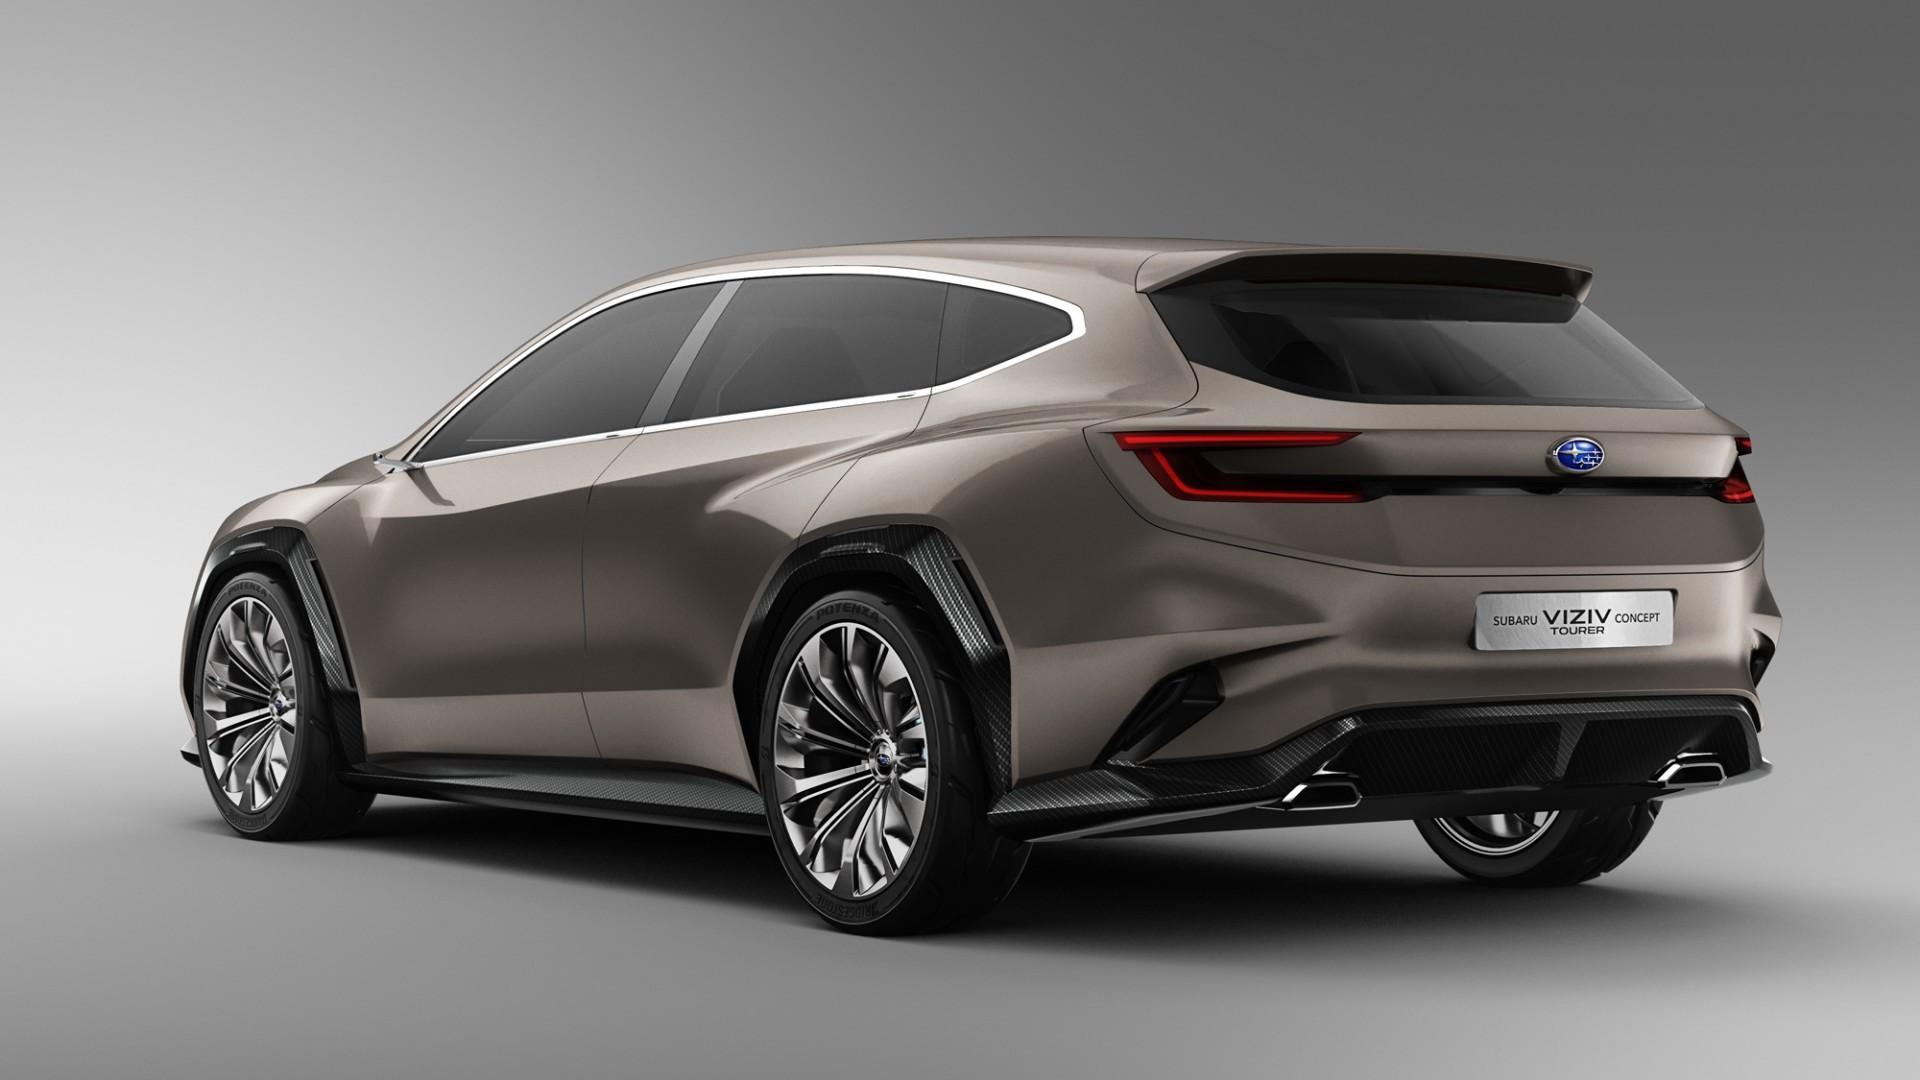 Subaru Viziv Tourer Concept (15)